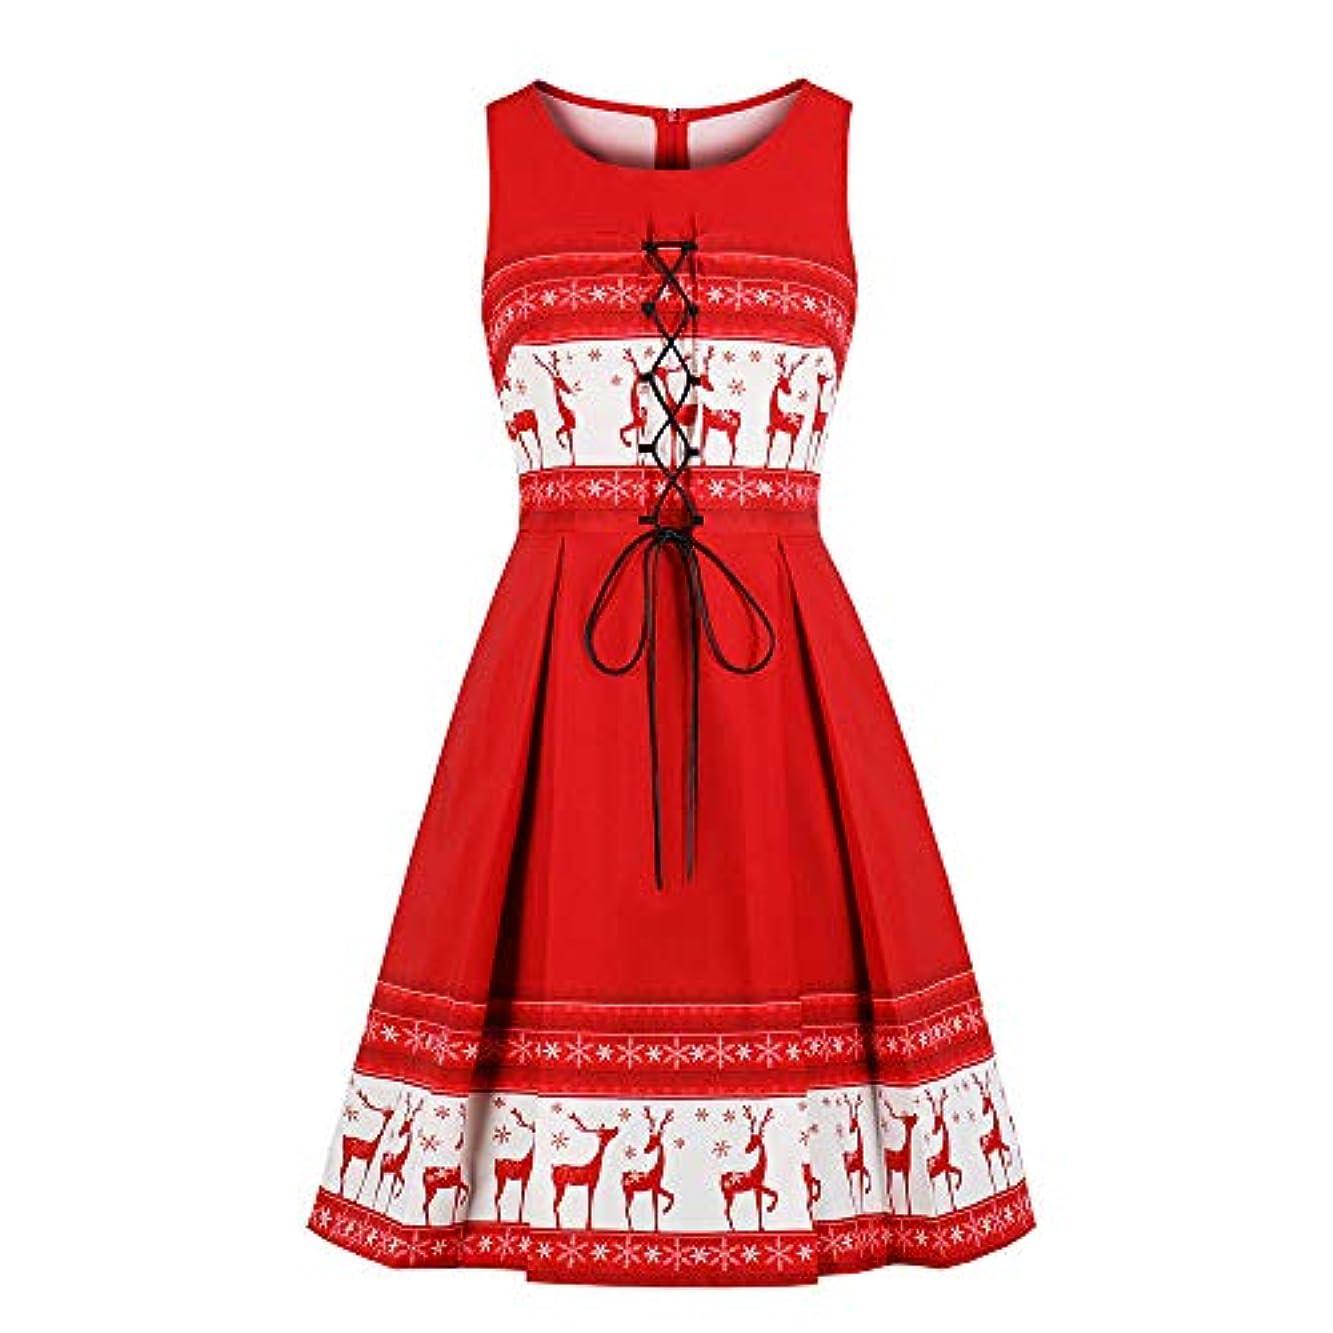 朝厳しい矢じりワンピース BOBOGOJP 4種類 S?4XL クリスマス スペシャル 女性 レディース ビンテージ アンティーク 華やかな 美しい 主人公 ノースリーブ イブニングパーティー ドレス スイング ドレス